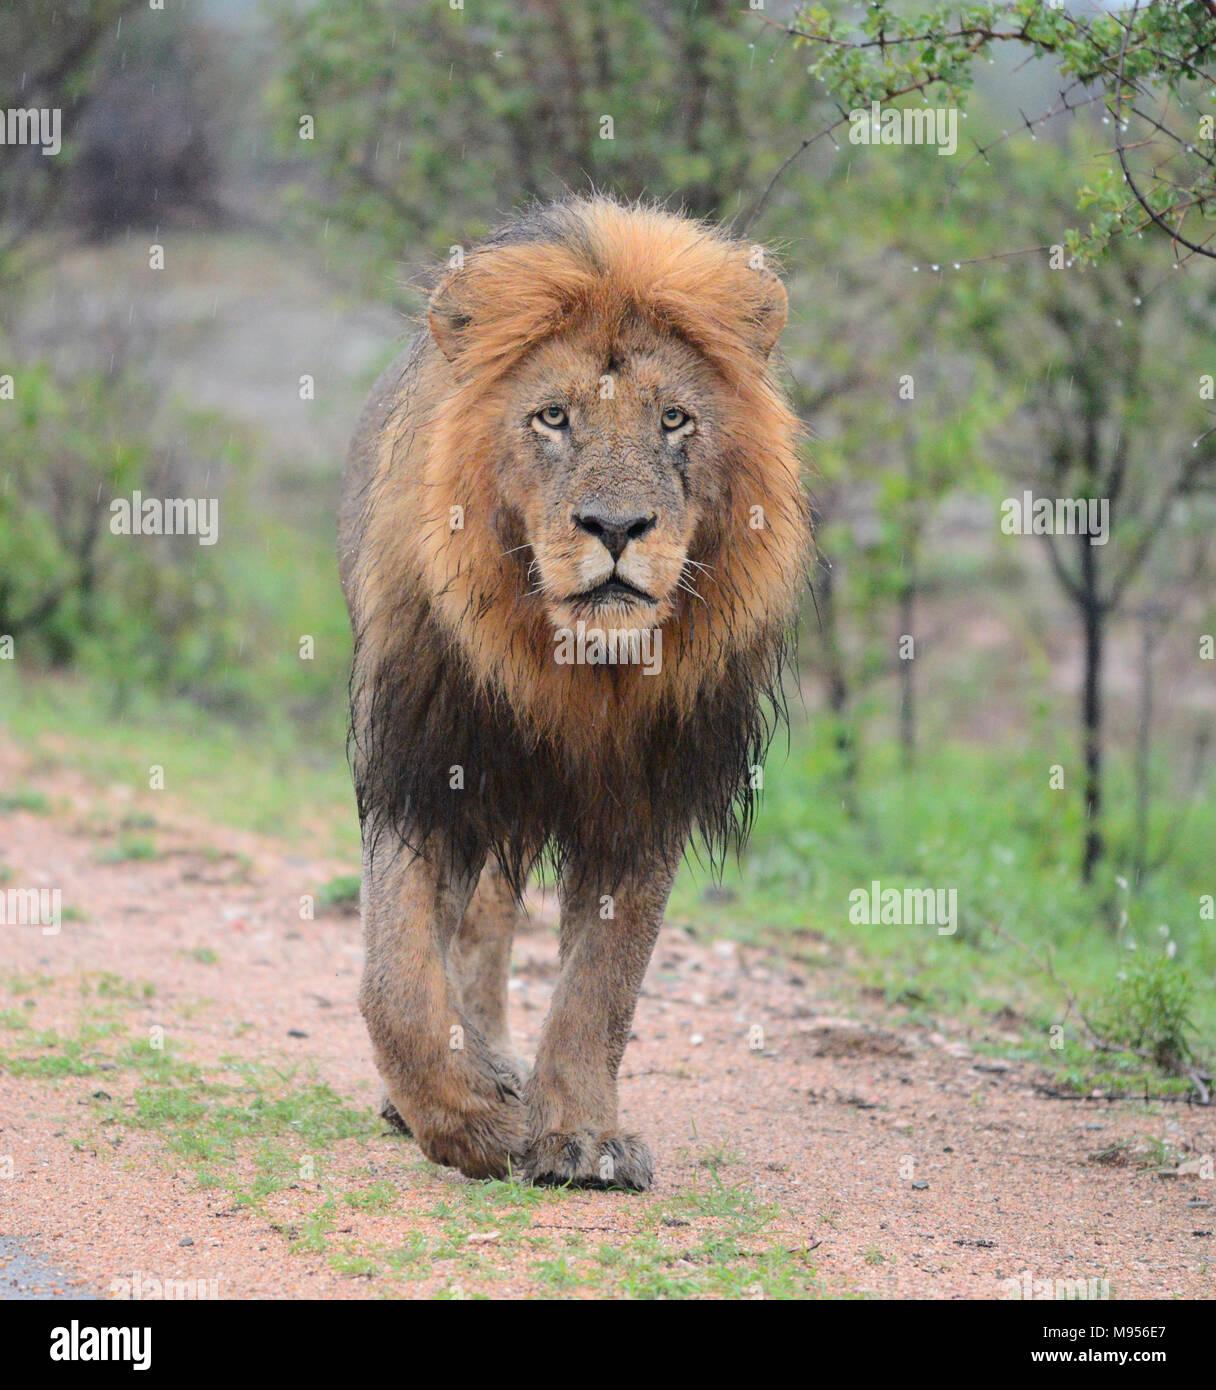 Südafrika ist ein beliebtes Reiseziel für seine Mischung aus echten afrikanischen und europäischen Erfahrungen. Kruger Park nass männliche Löwe close-up. Stockbild